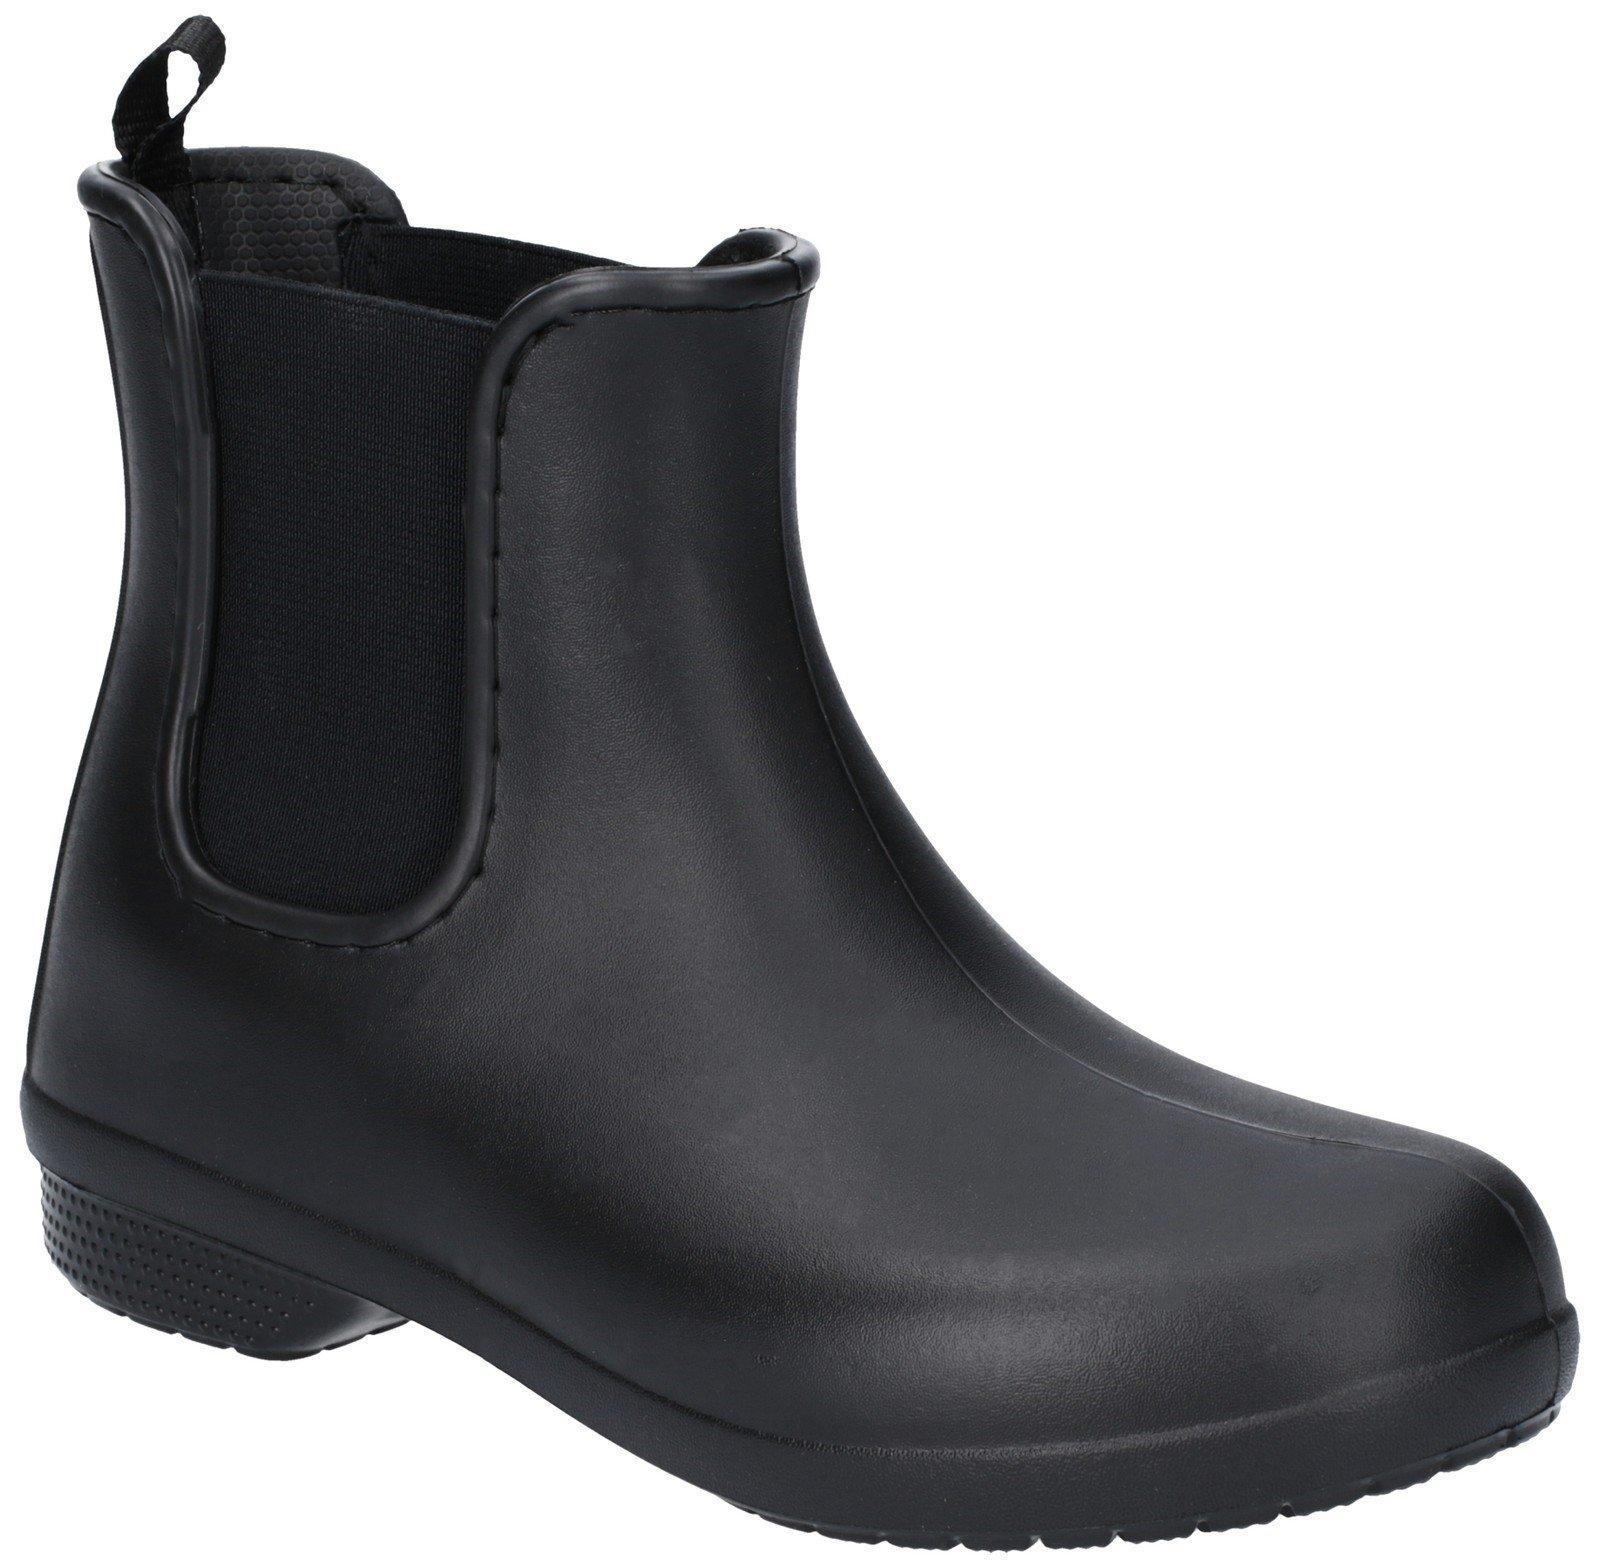 Crocs Women's Freesail Chelsea Boot Various Colours 27504 - Black/Black 3